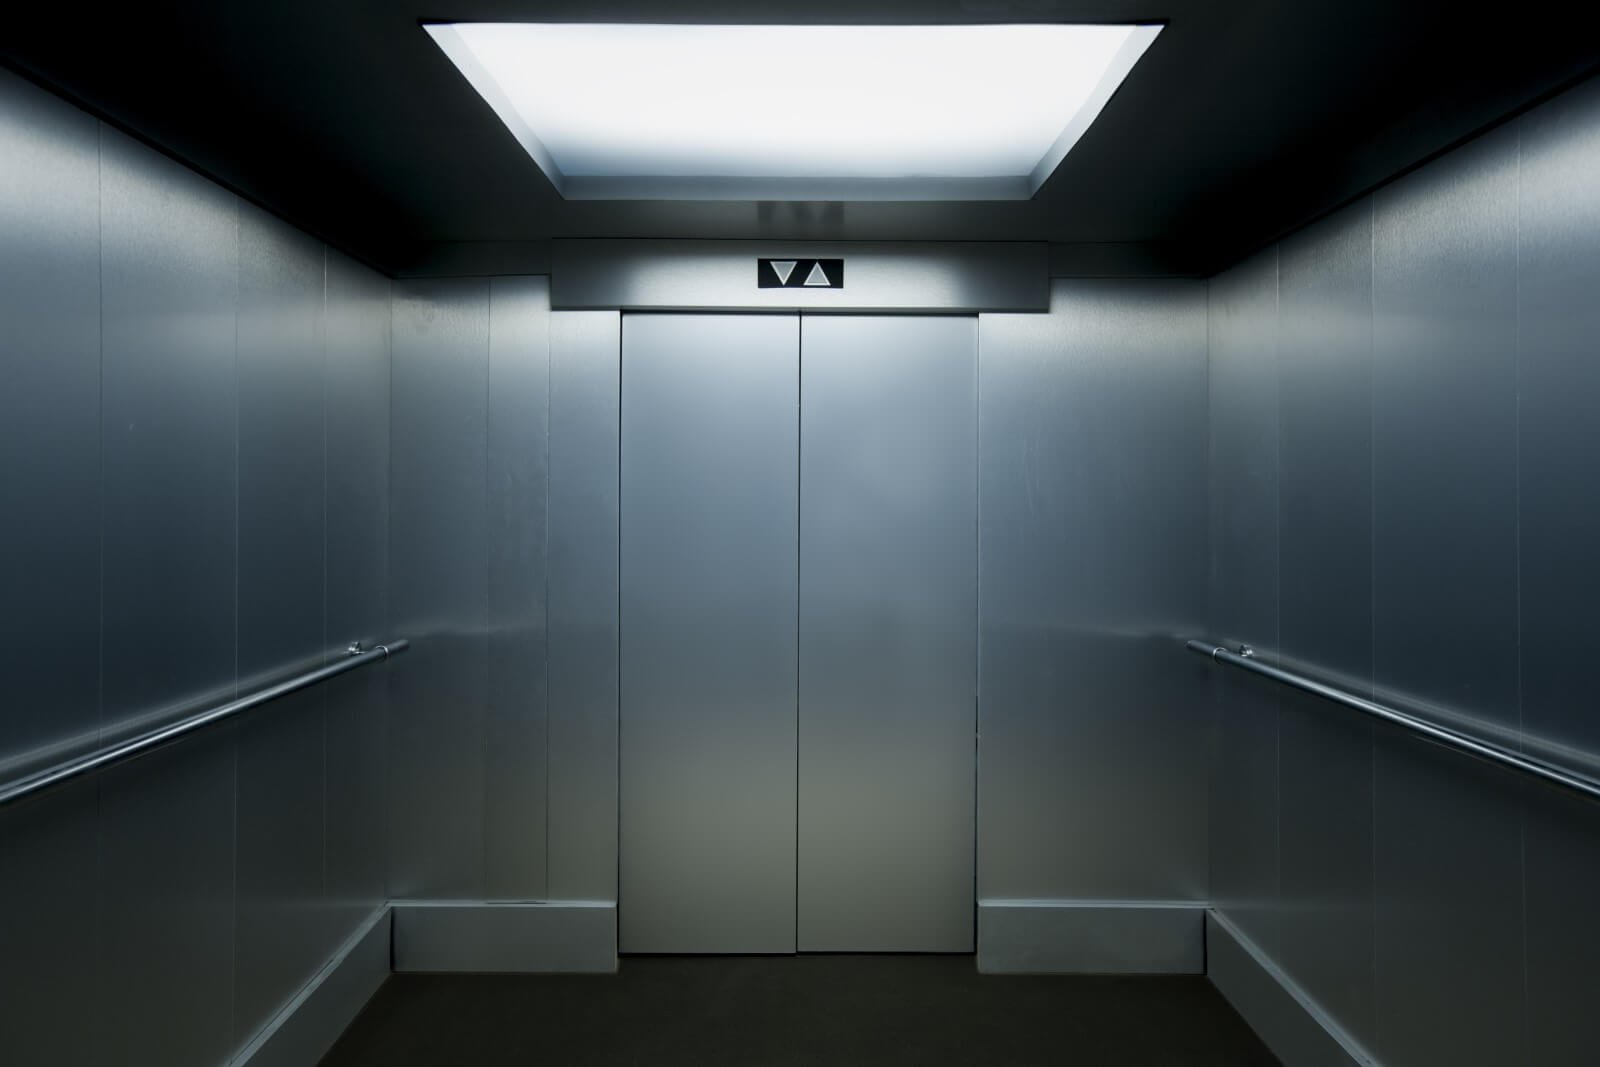 Interno di un moderno ascensore